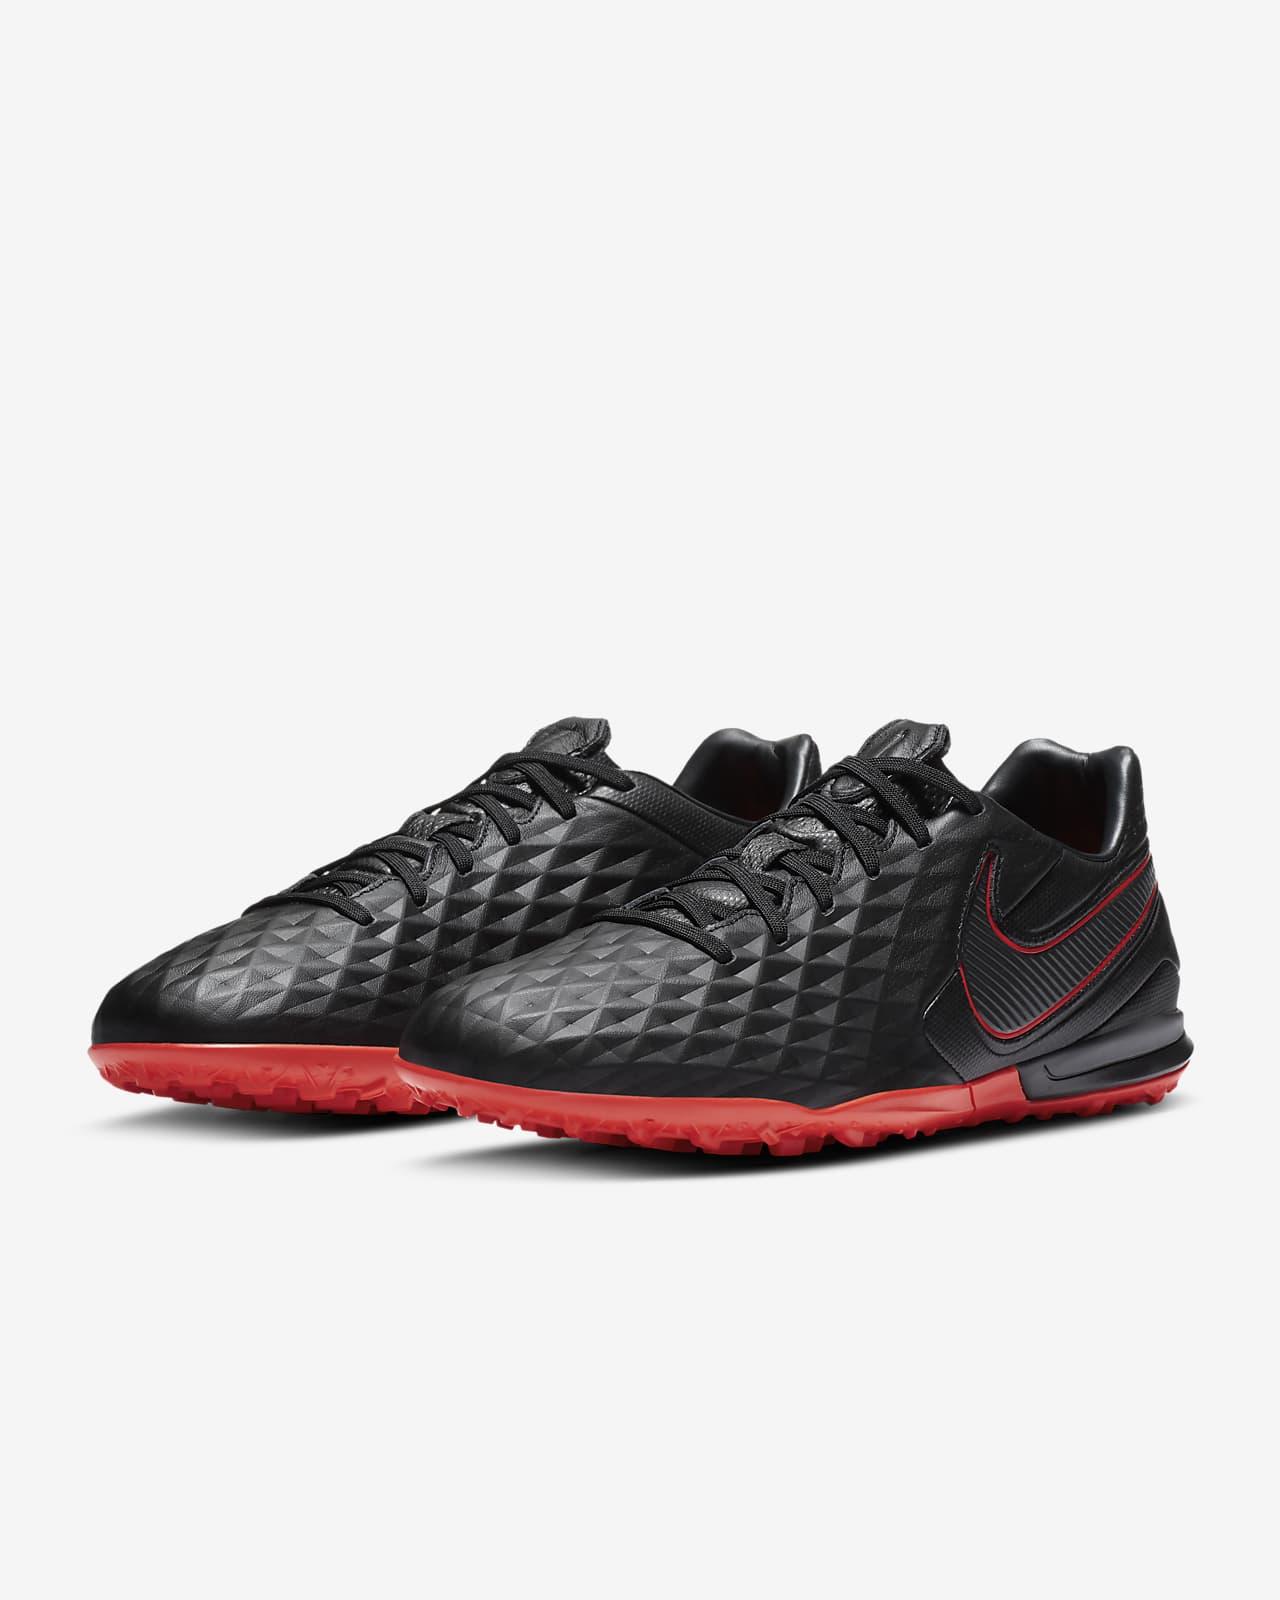 Nike Tiempo Legend 8 Pro TF Artificial